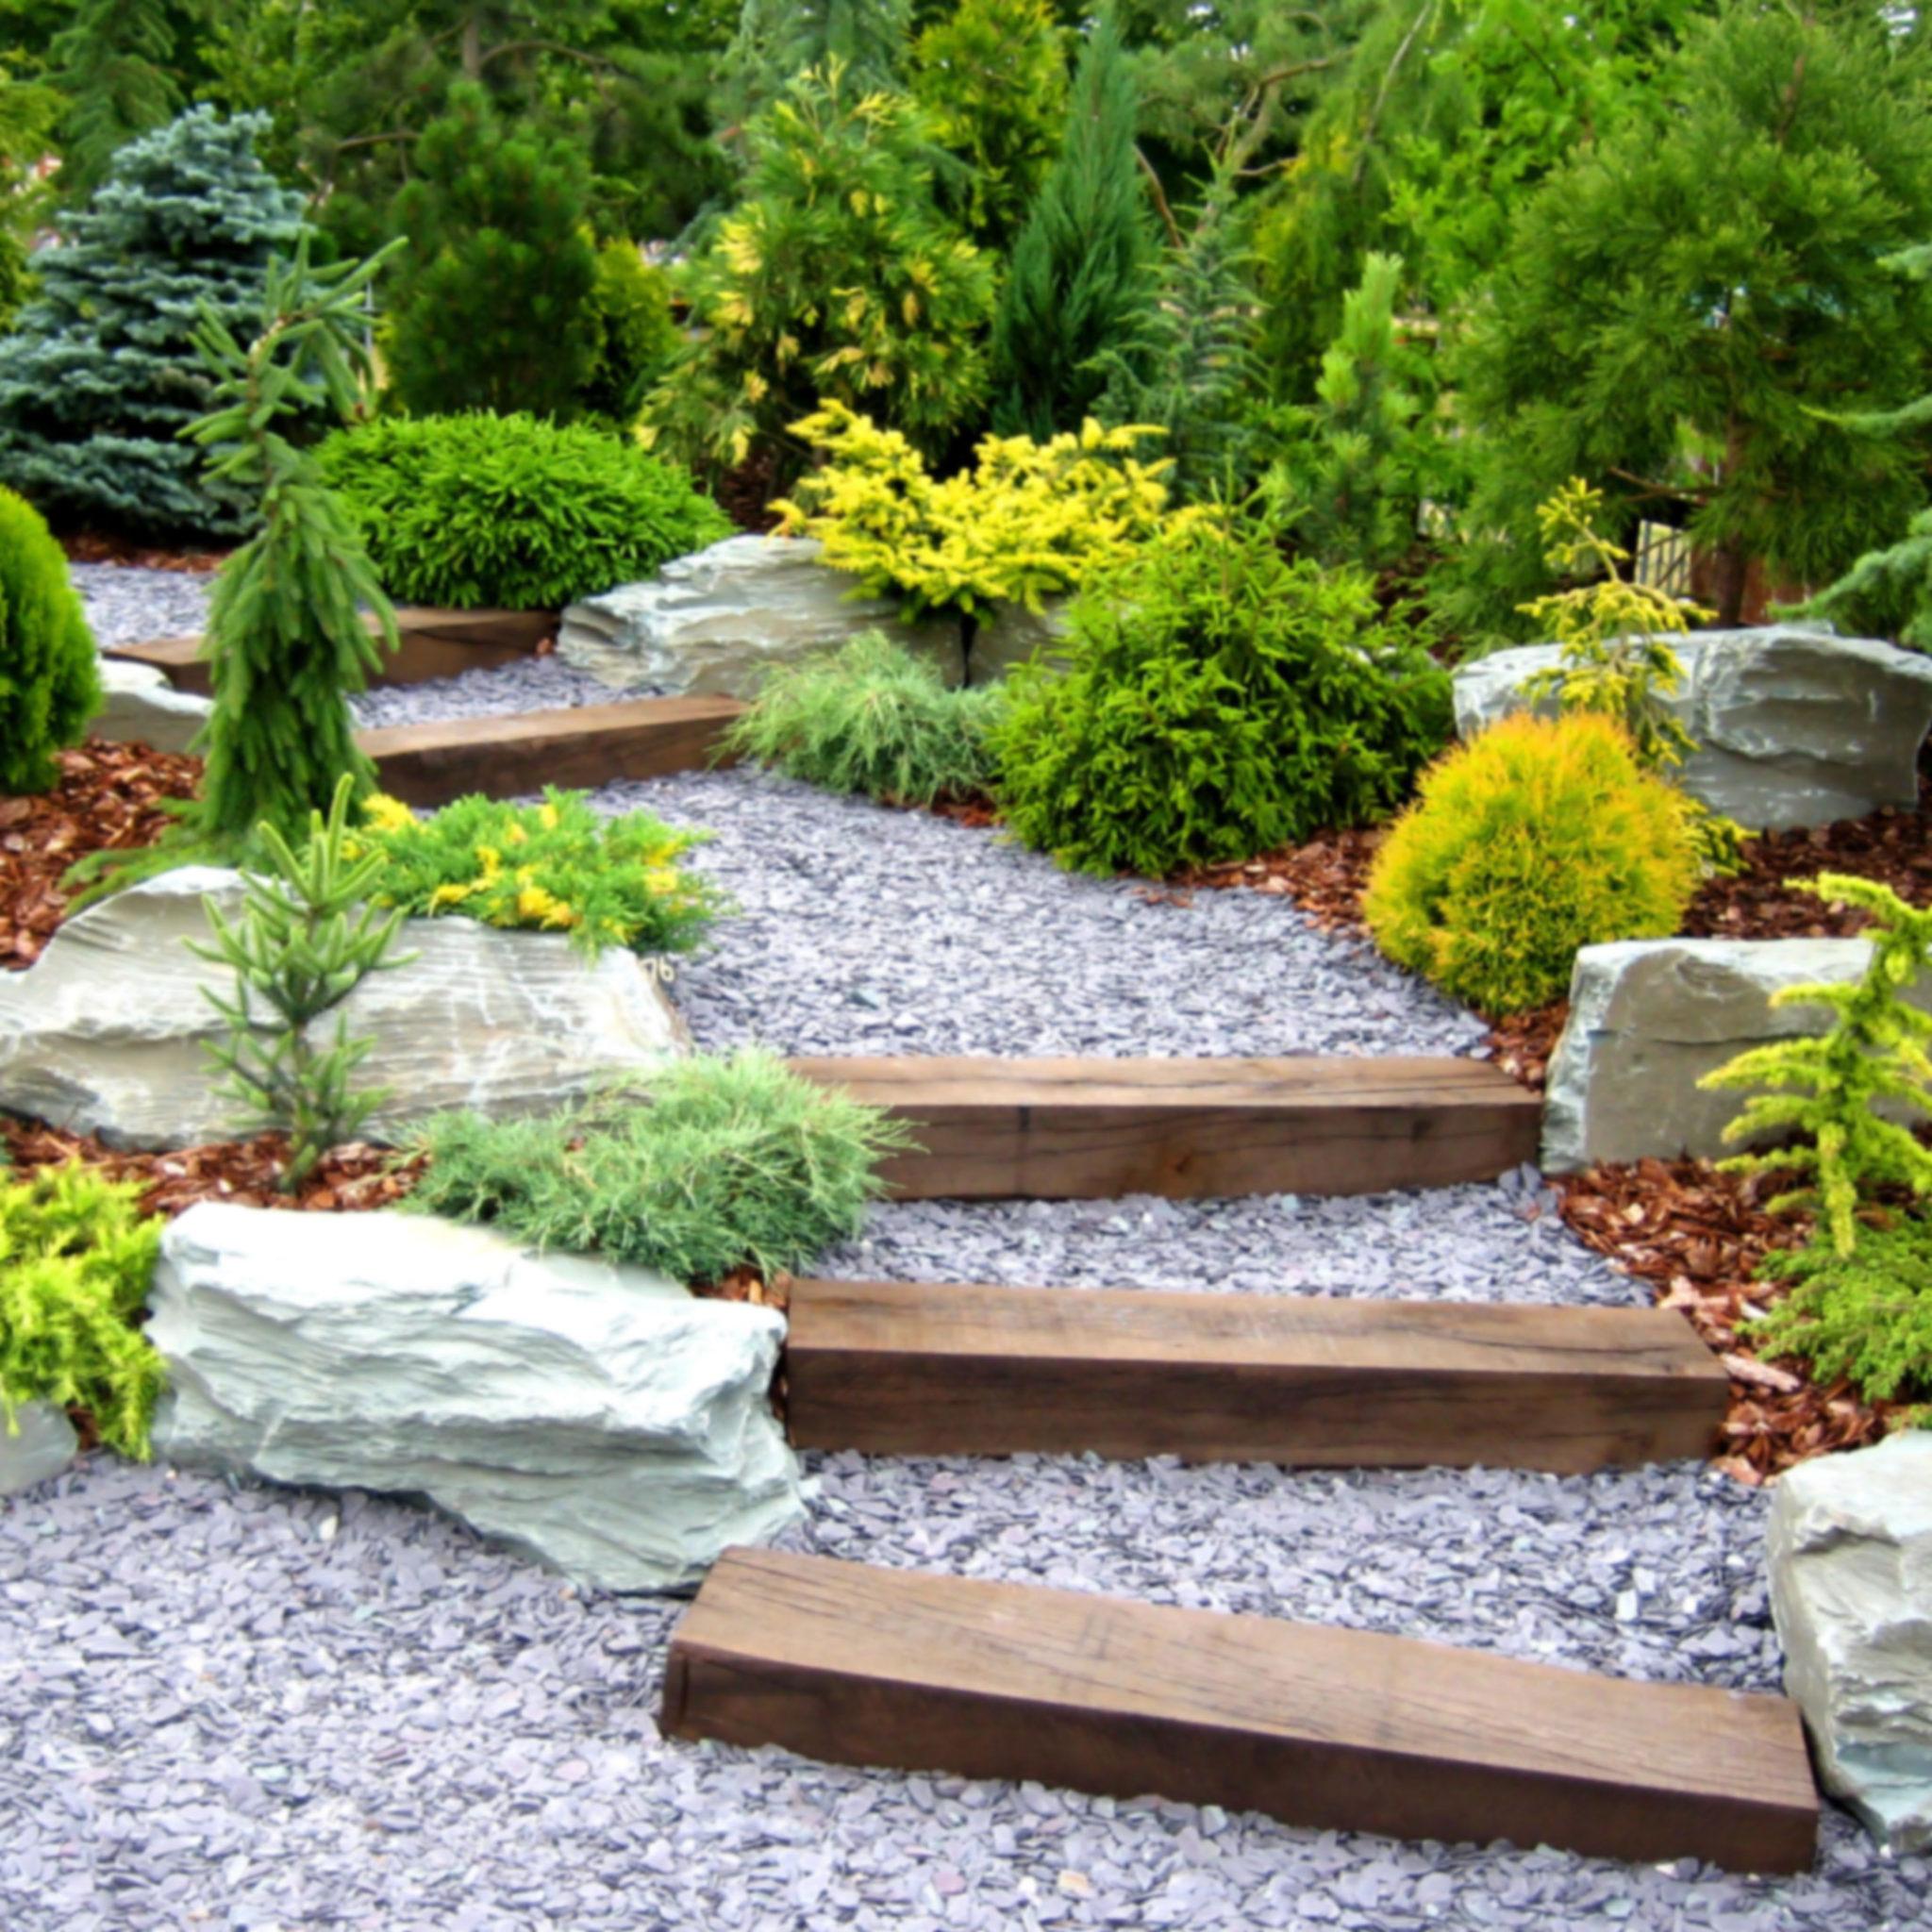 Spécialiste En Aménagement Paysager Boucherville | Jardin ... concernant Amenagement Jardin Avec Pierres